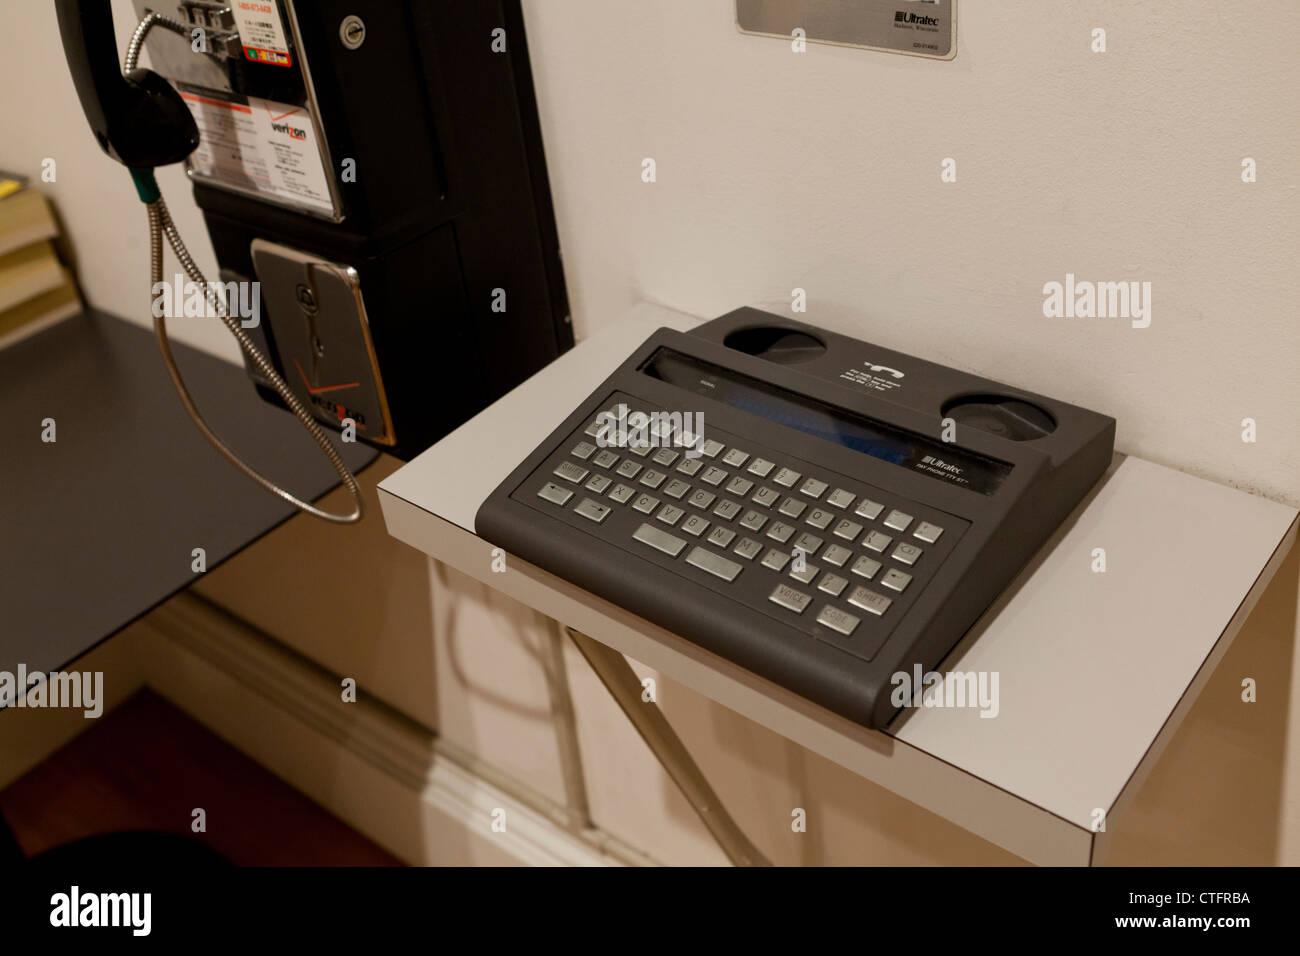 Máquina de télex público Imagen De Stock